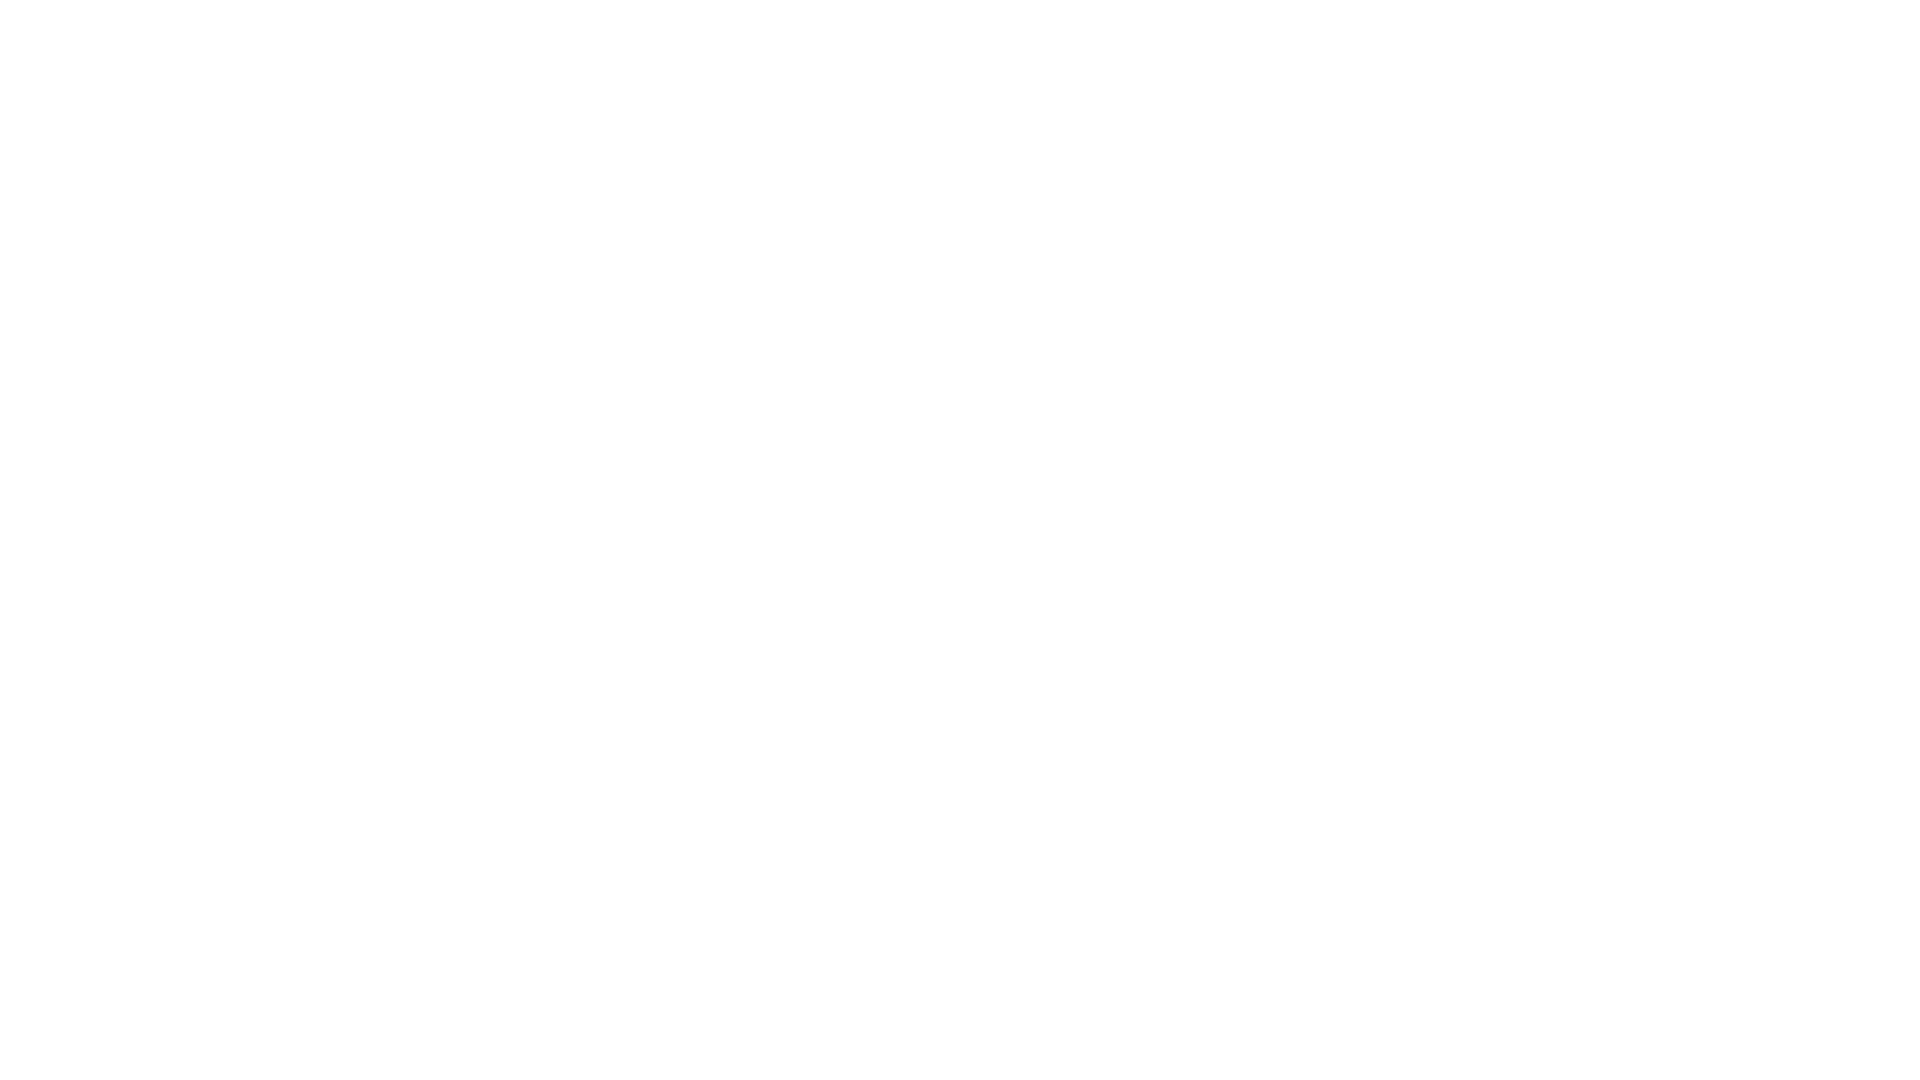 blank1080p